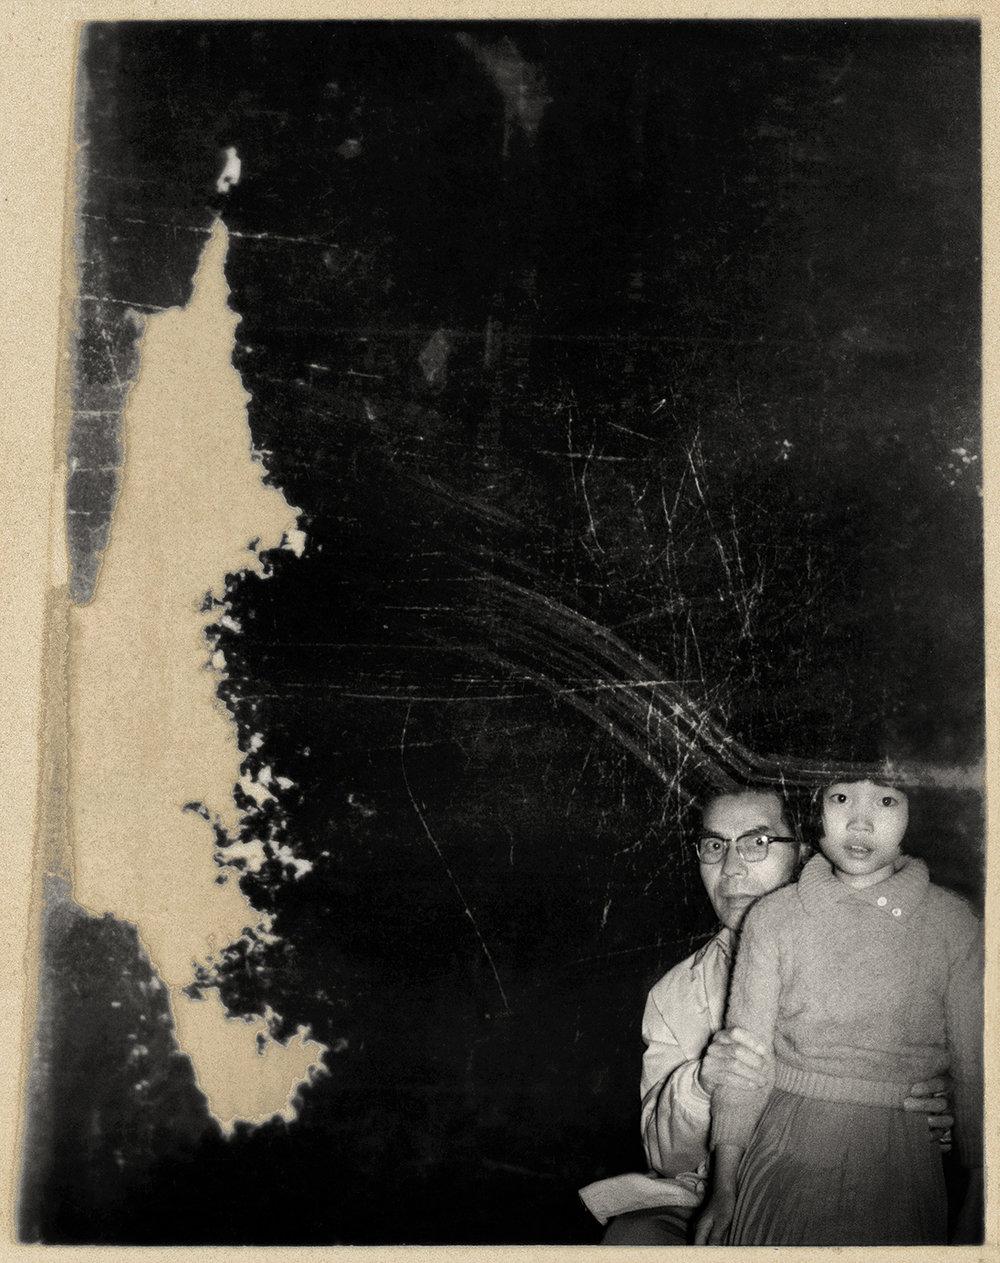 plutonium_03.jpg